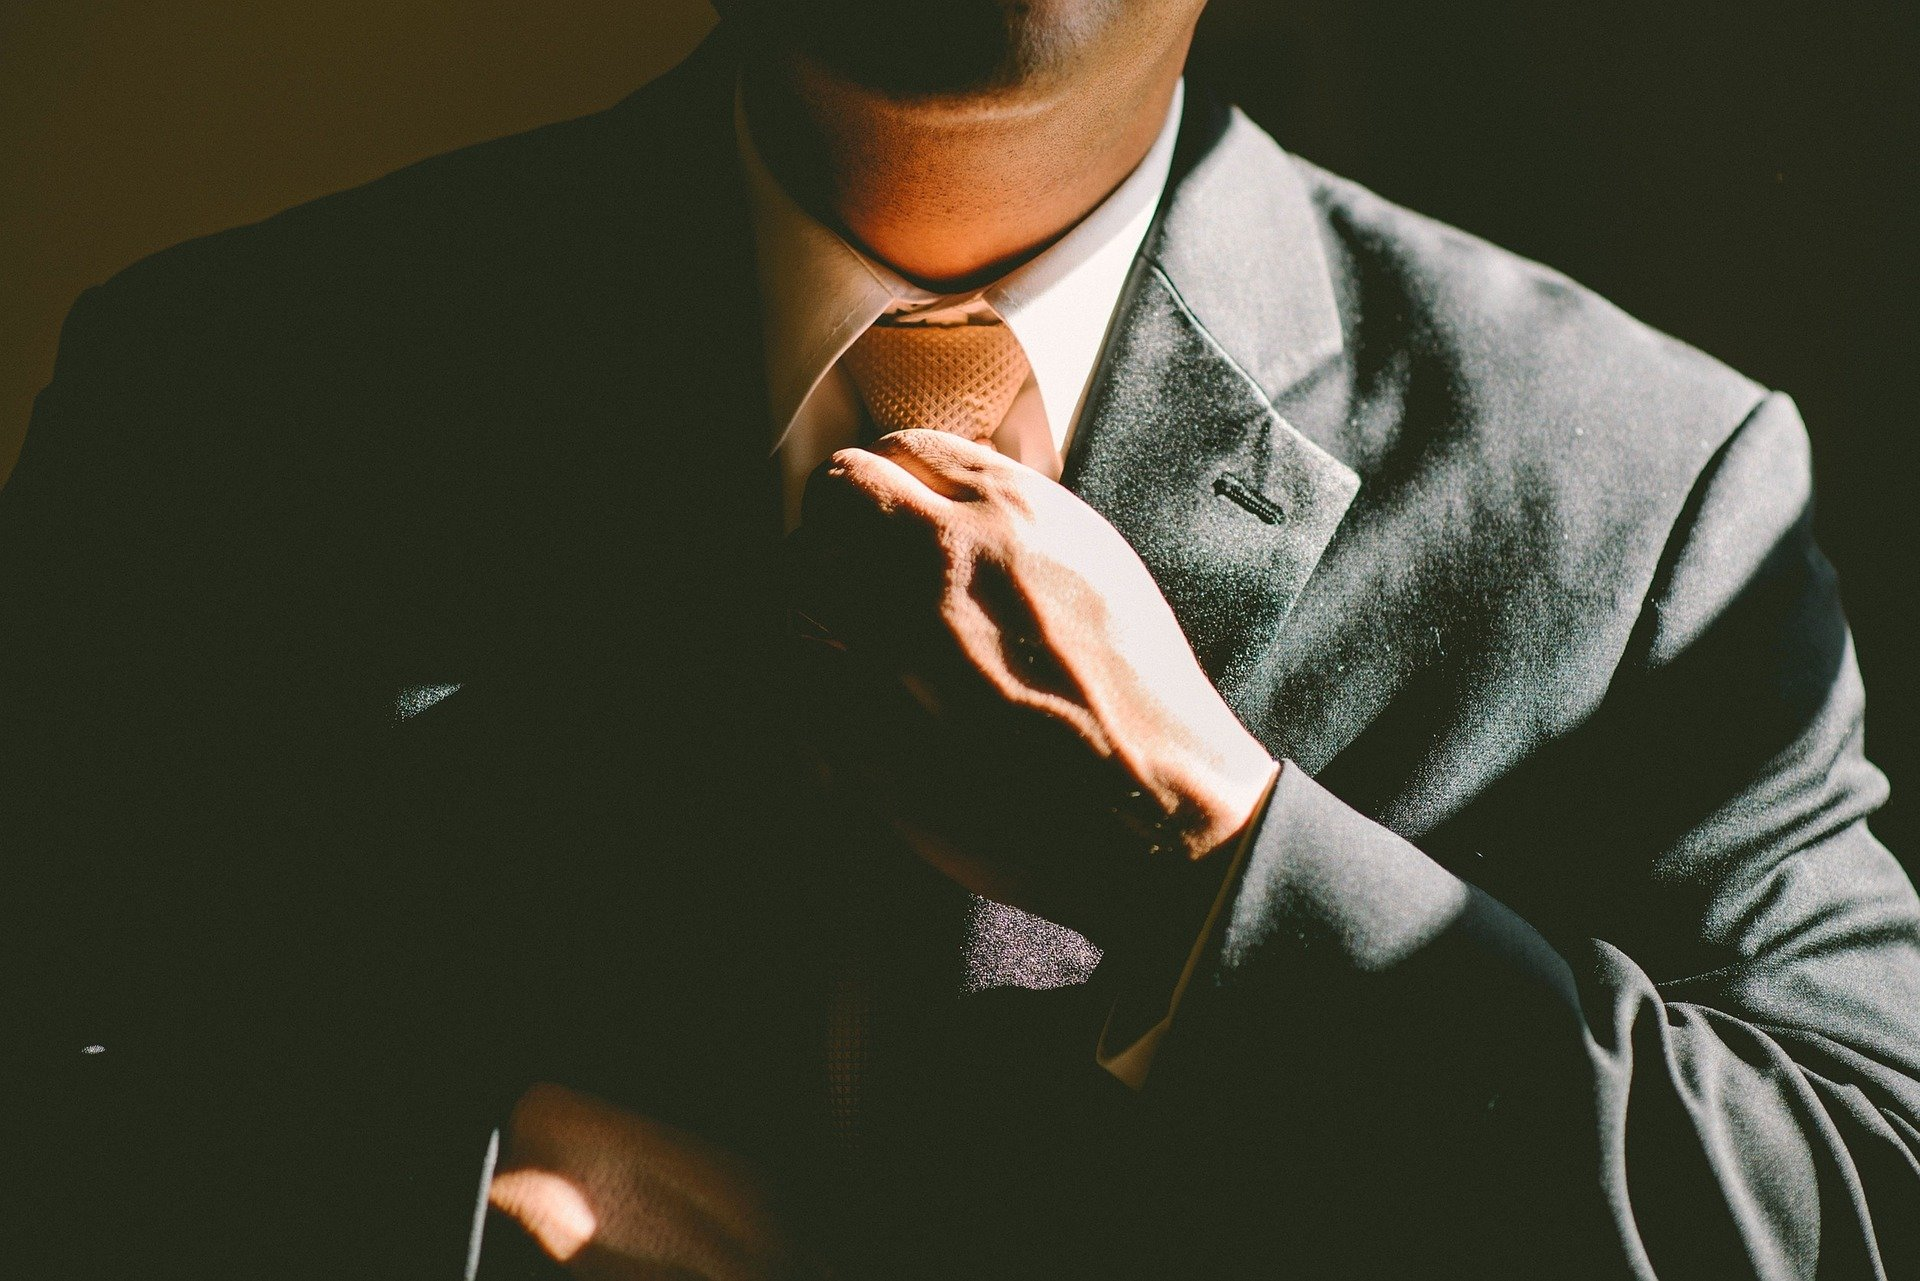 Hoe Vind ik de Beste Makelaar? – Tips om U te Helpen bij het Vinden van de Juiste Makelaar